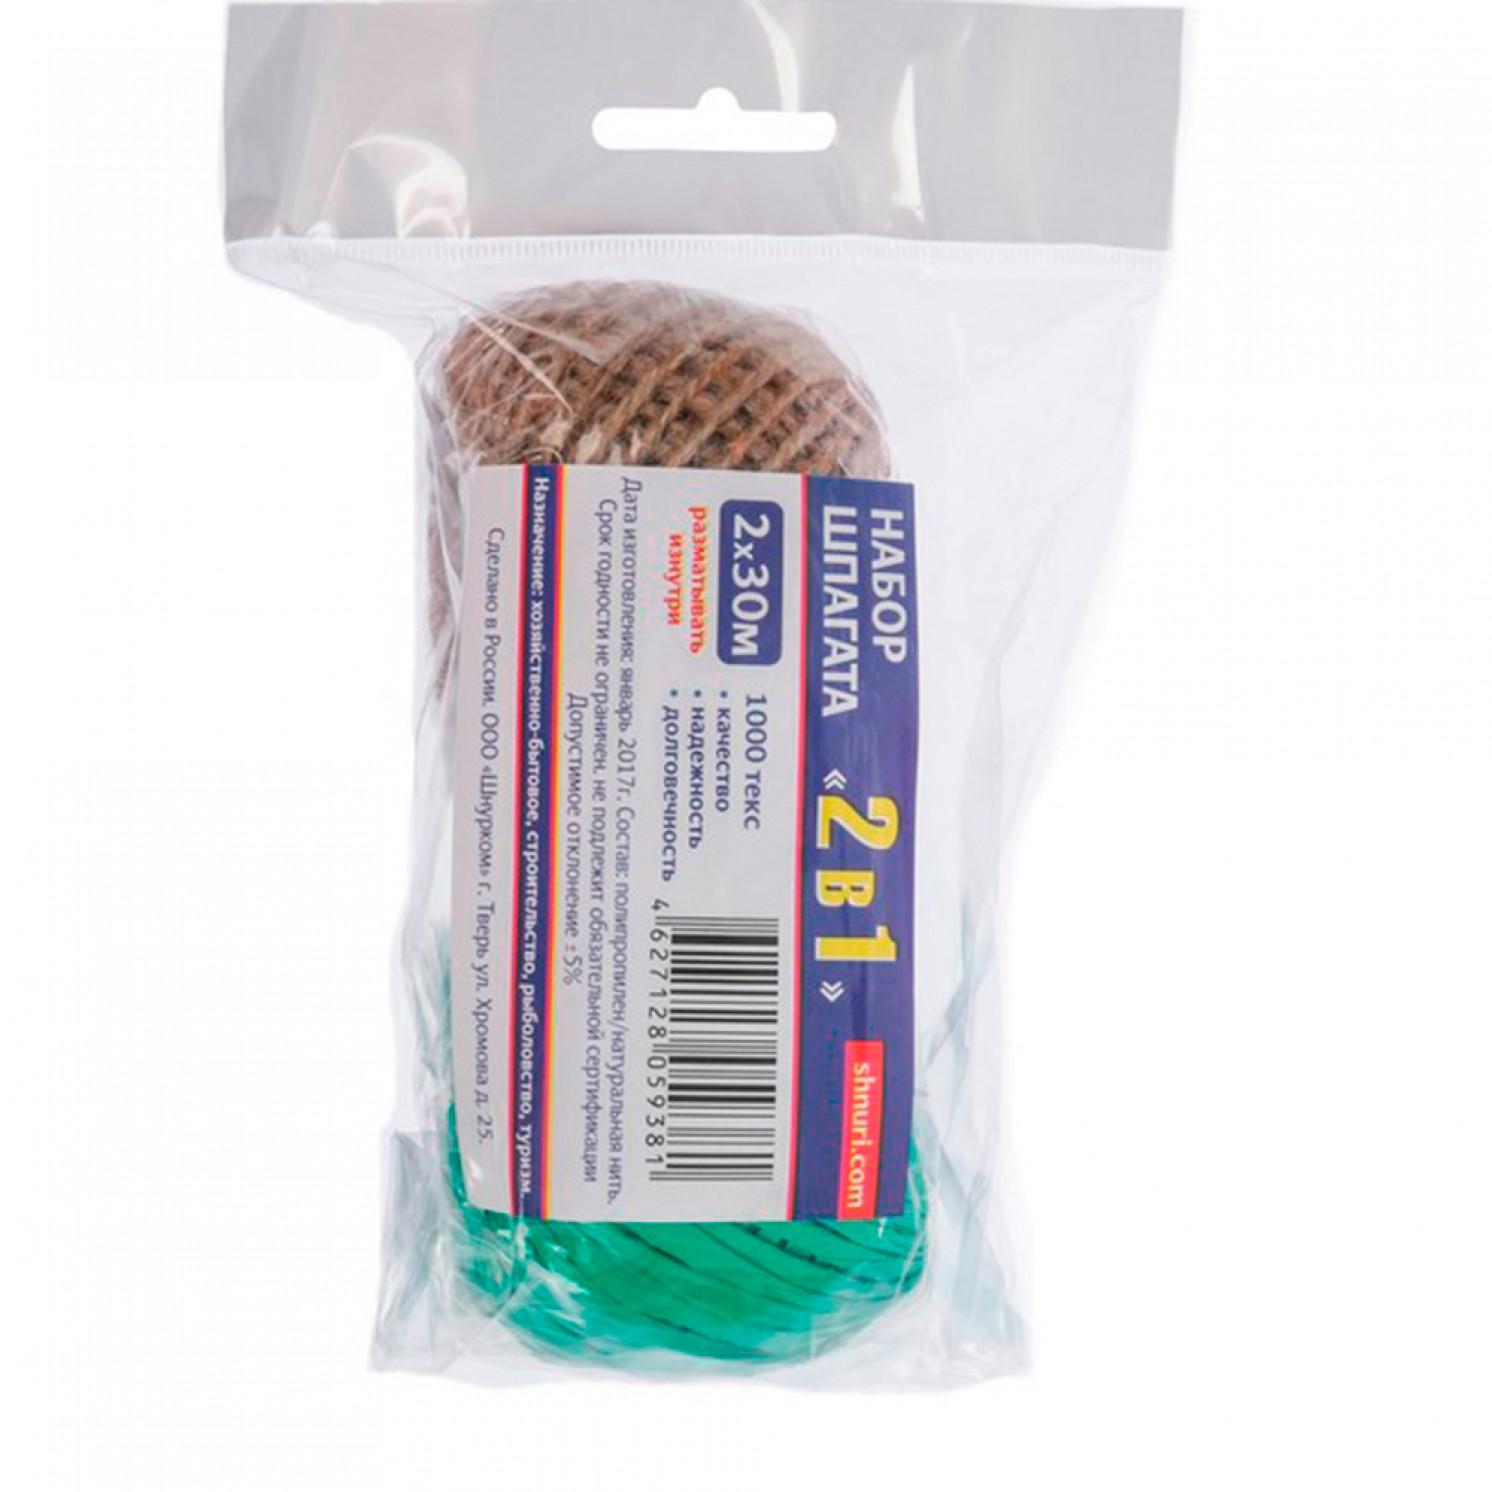 Набор шпагатов, 2 шт: полипропиленовый d=3 мм и джутовый скрученный d=1,5 мм, 30 м, цвет МИКС